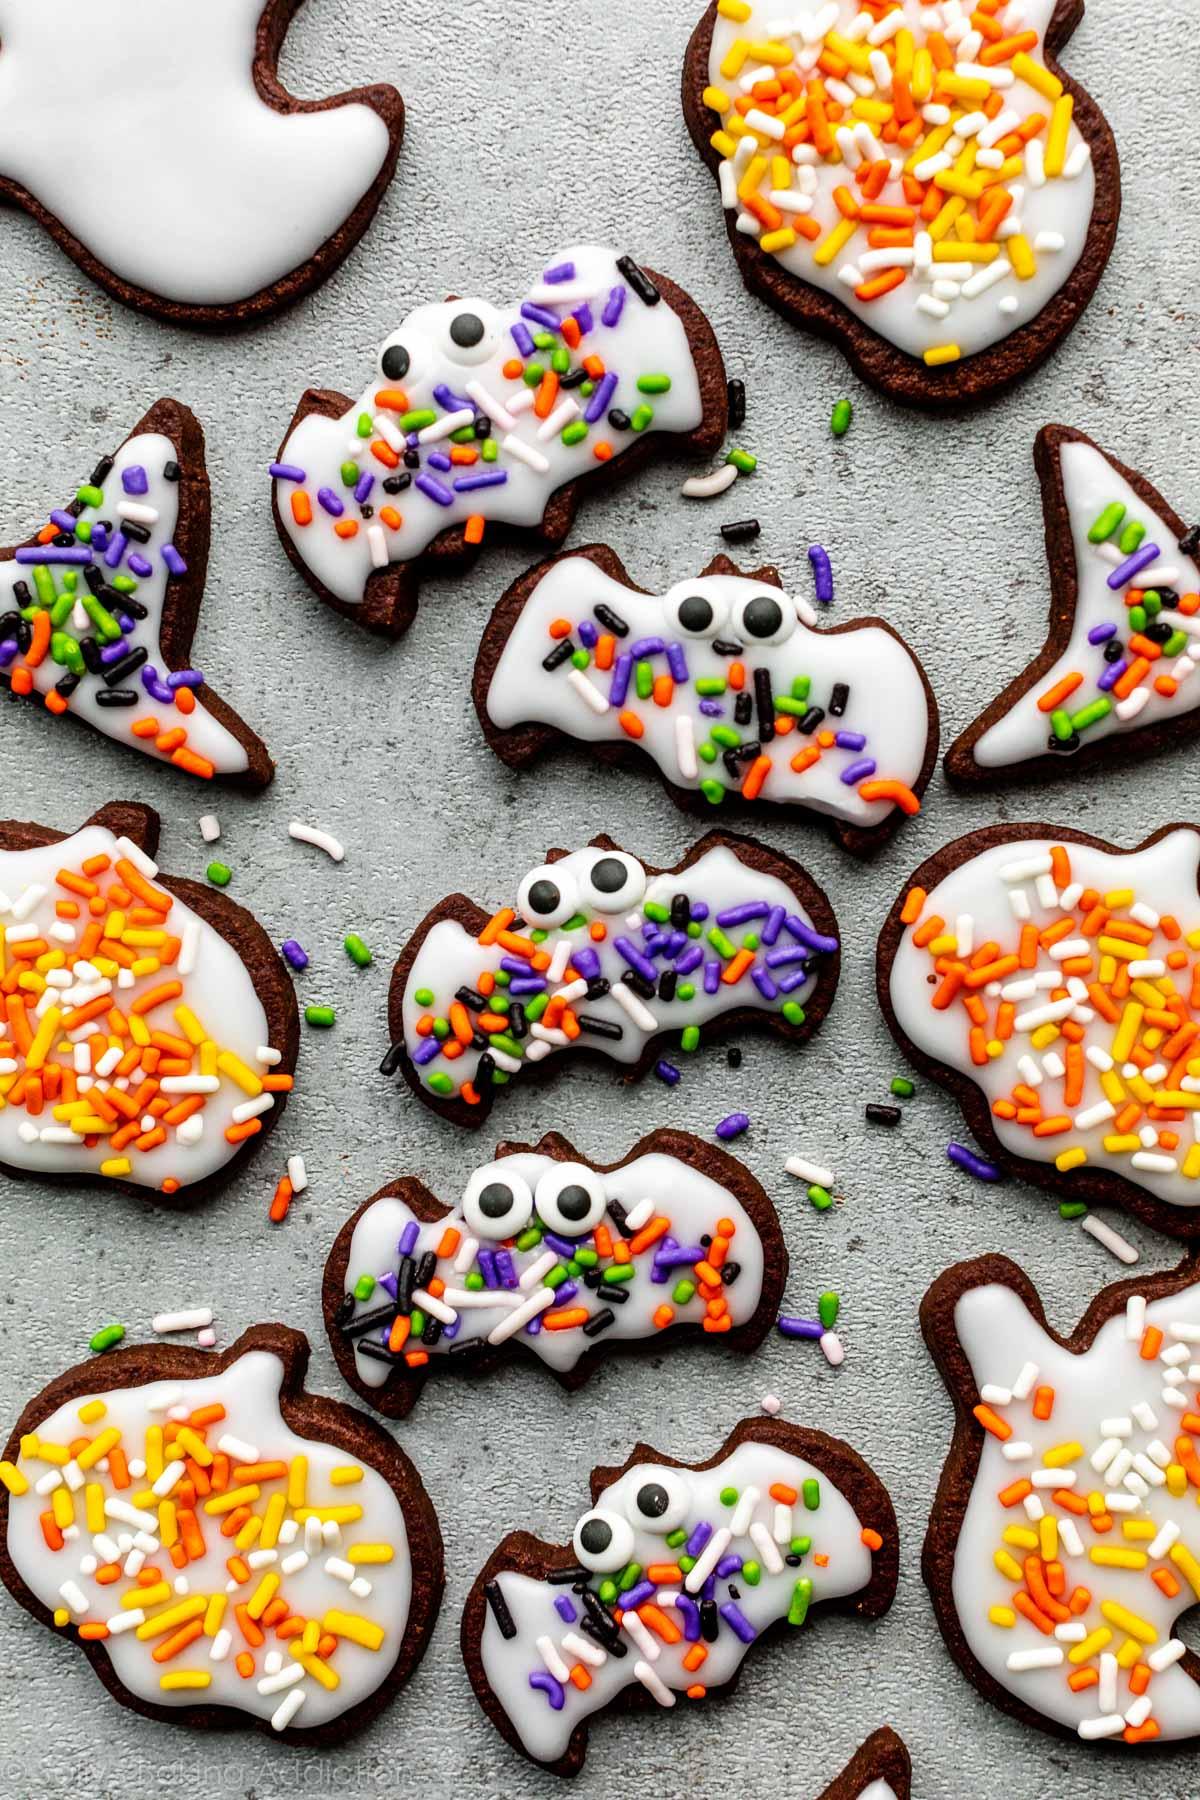 Biscuits au sucre au chocolat d'Halloween décorés d'un glaçage facile et de pépites